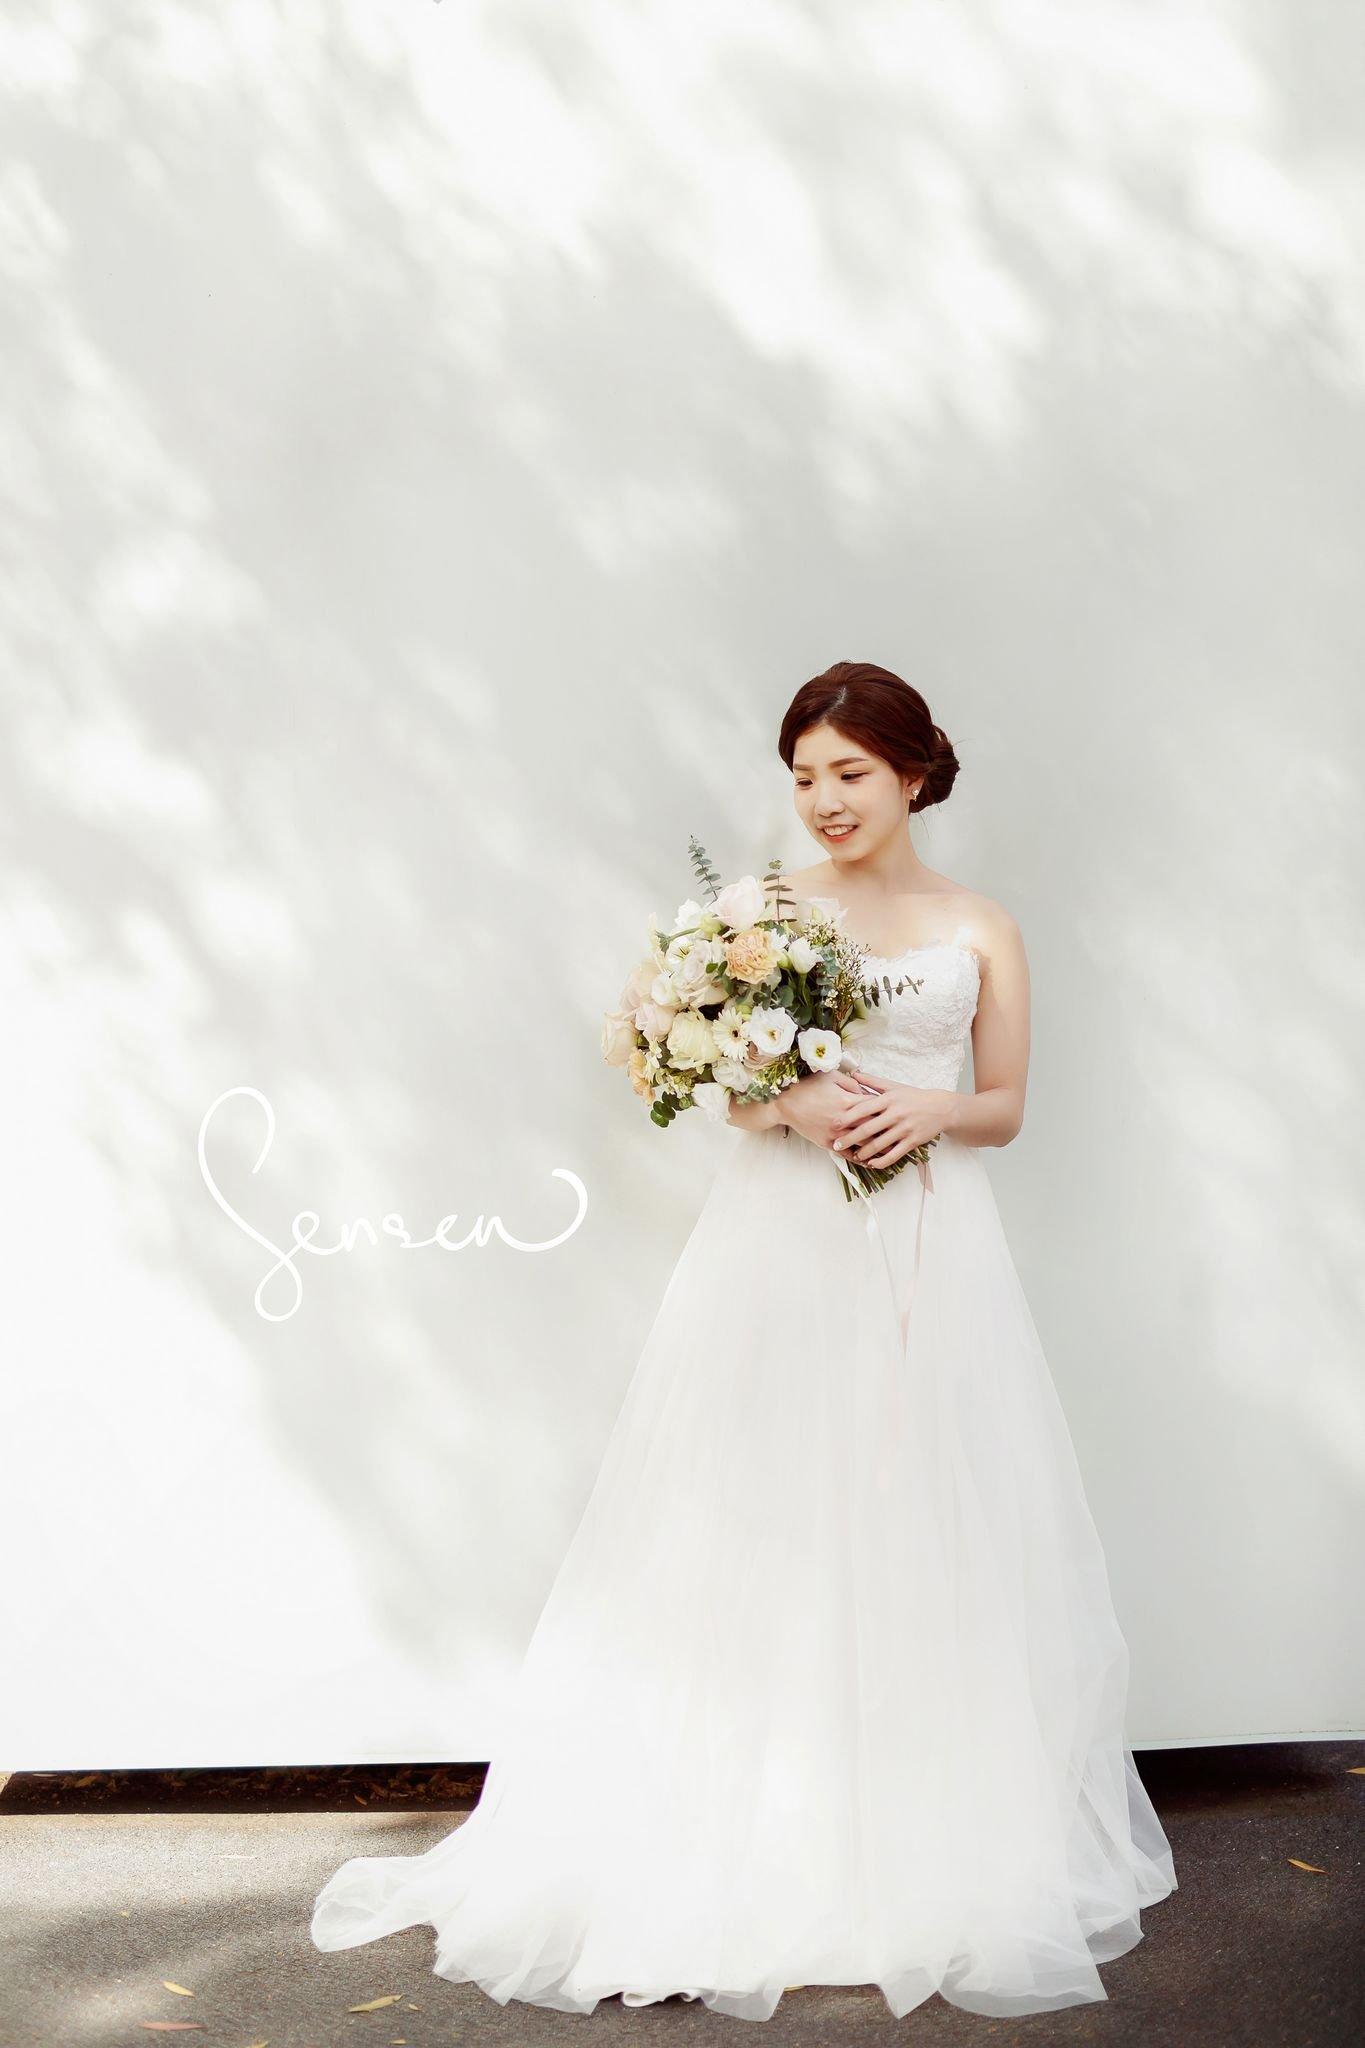 高雄婚紗工作室,自然風格婚紗,生活感婚紗,高雄婚紗包套,台南婚紗包套,小清新婚紗